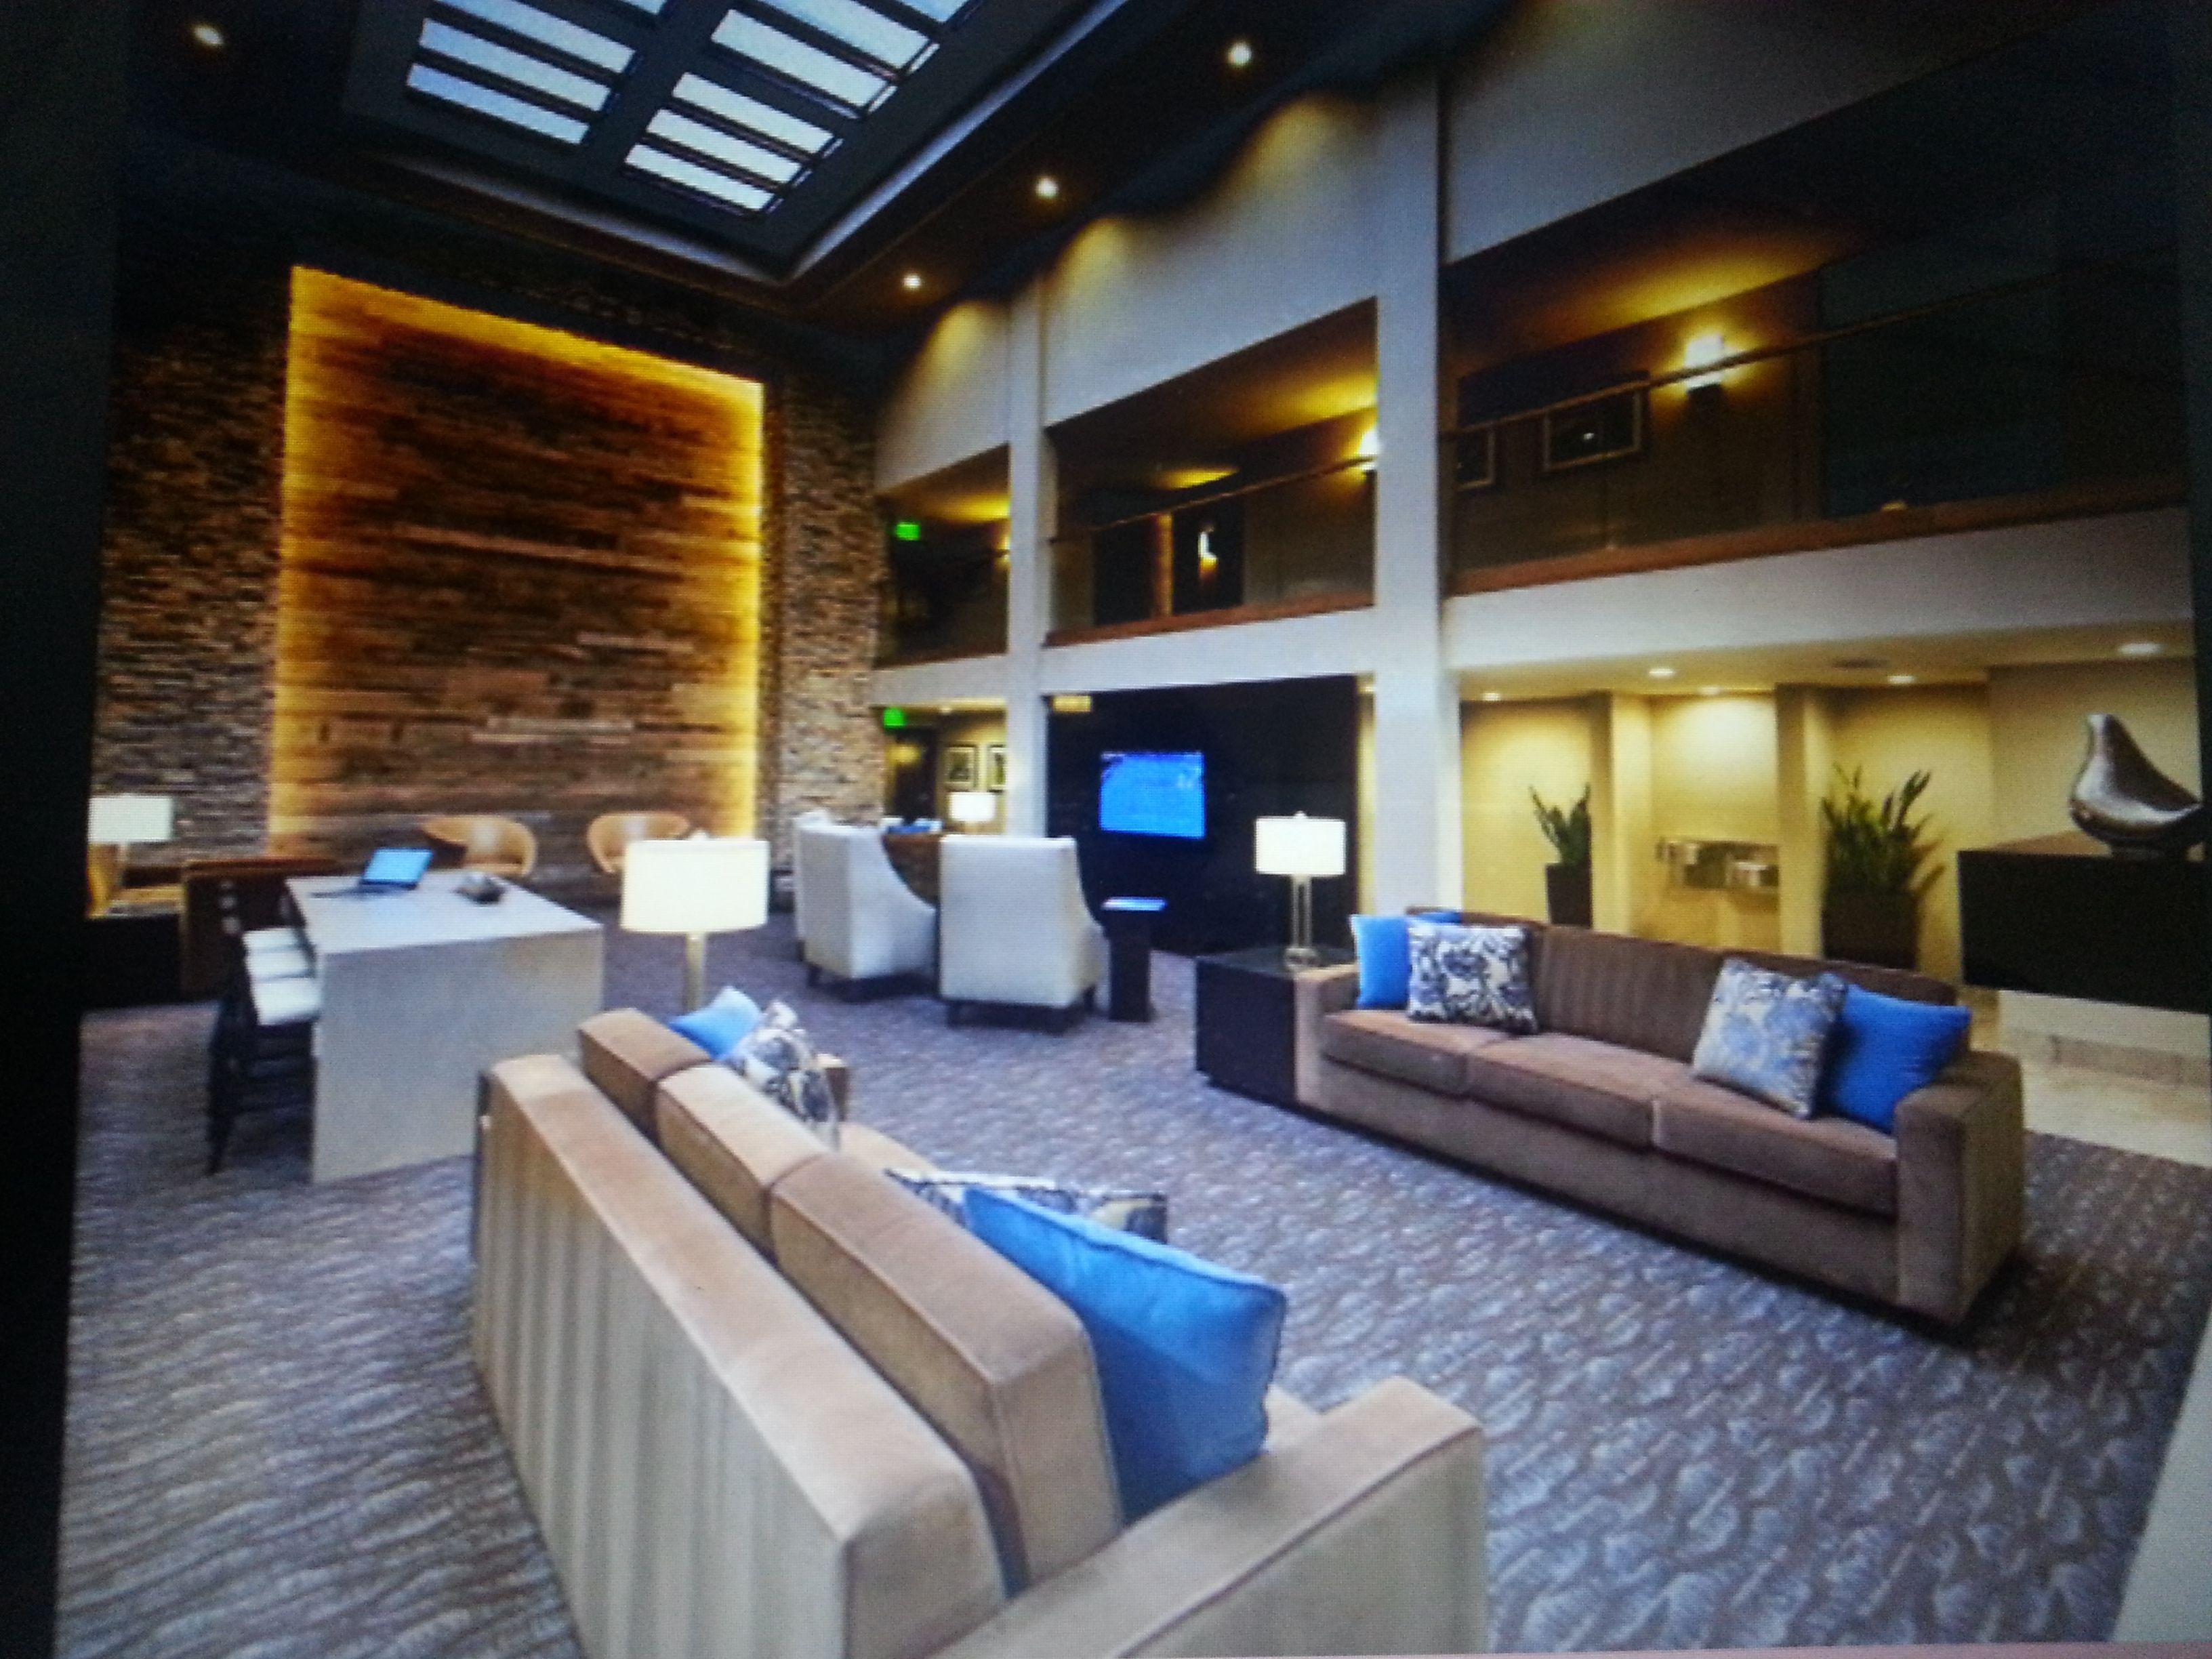 hilton garden inn marina del rey - Hilton Garden Inn Marina Del Rey